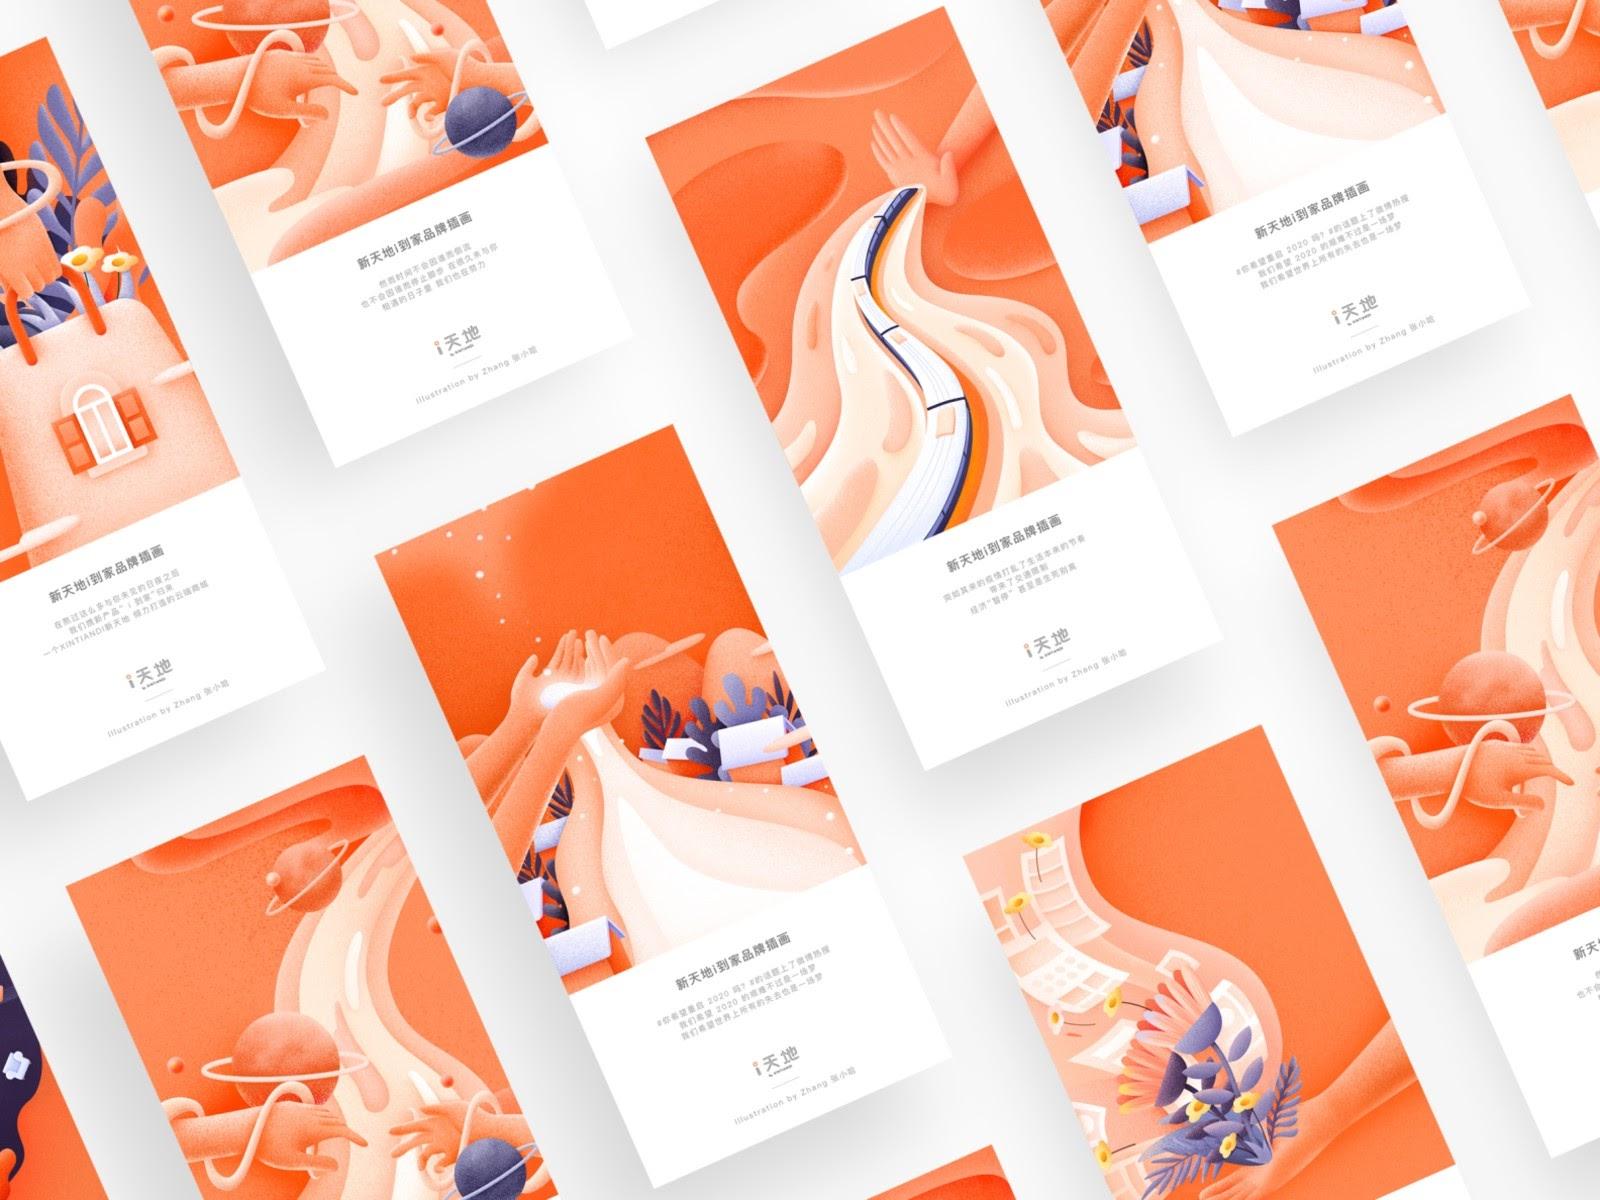 Example of orange in app design (source: Zhang 张小哈)